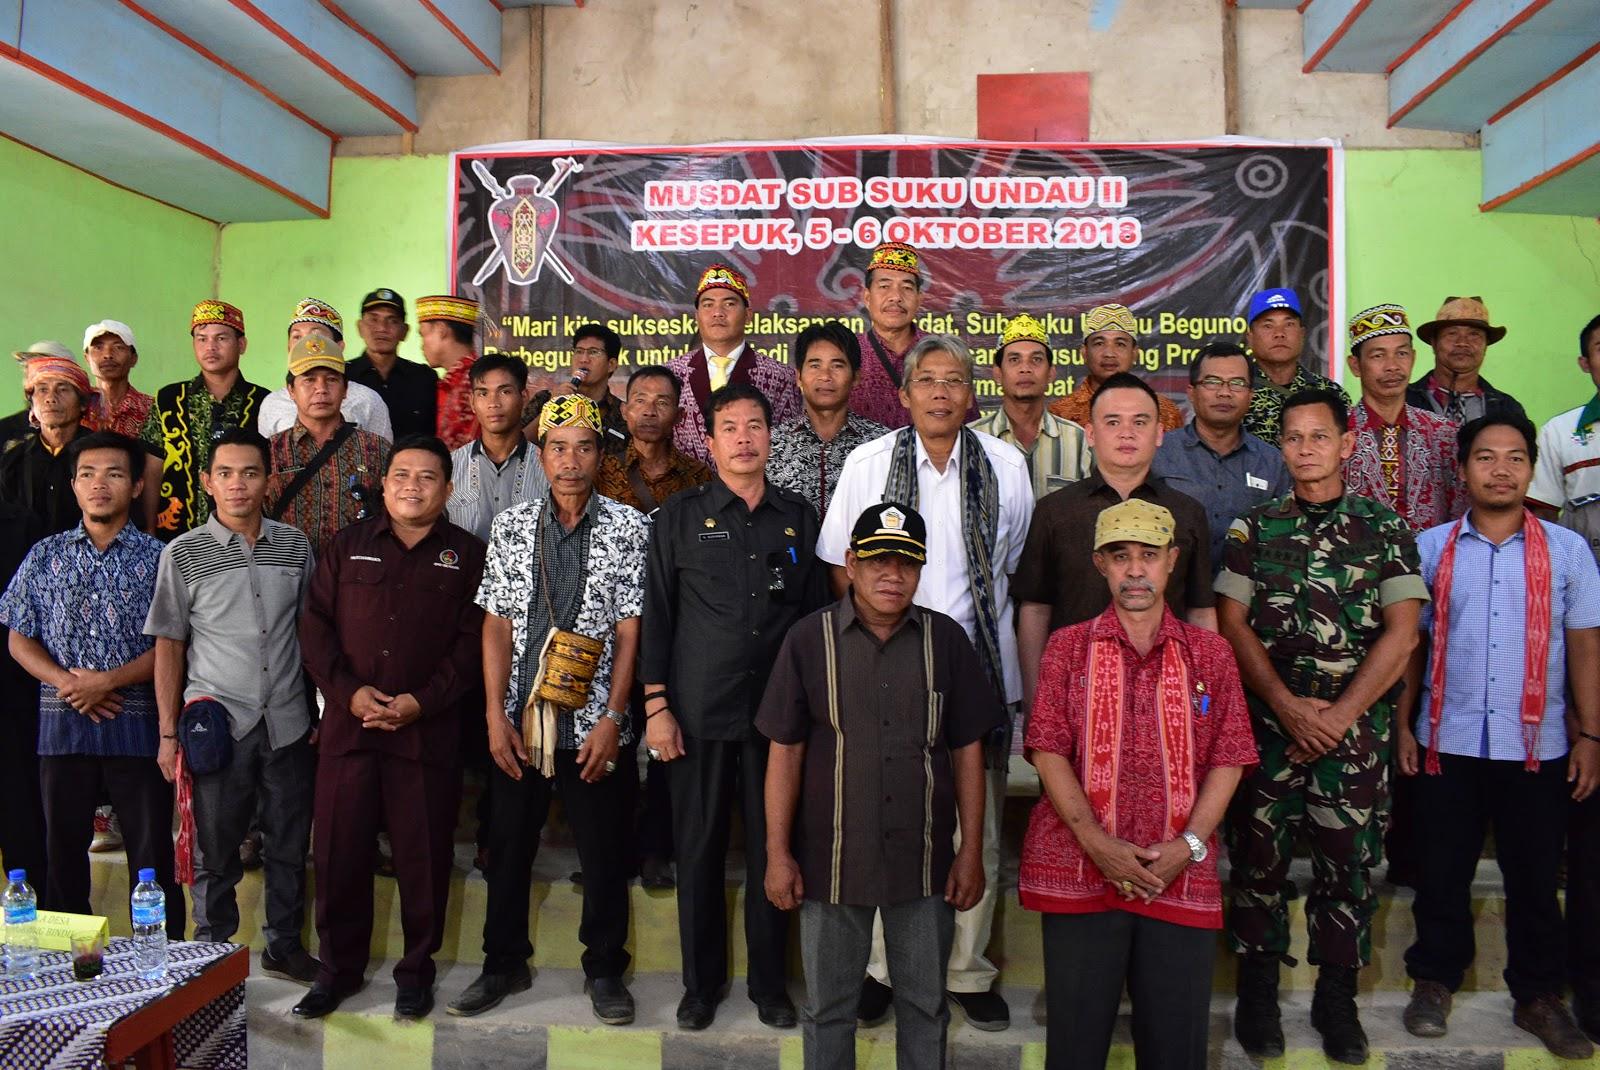 Bupati Buka Musyawarah Adat  Sub Suku Undau Desa Lengkong Bindu Kecamatan Kayan Hilir